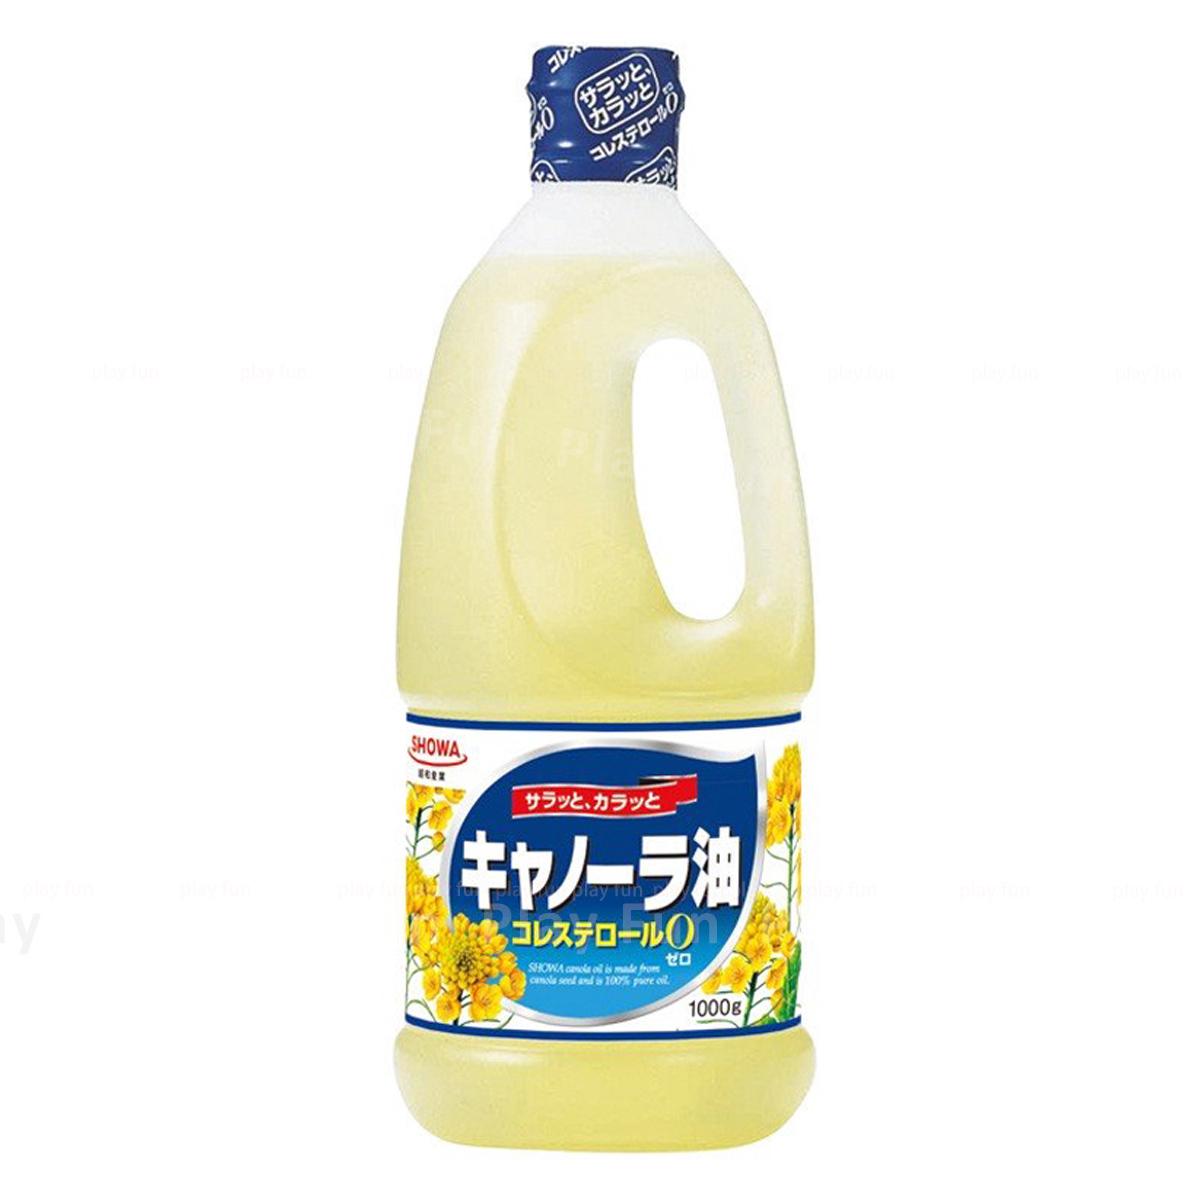 昭和 - 芥花籽油